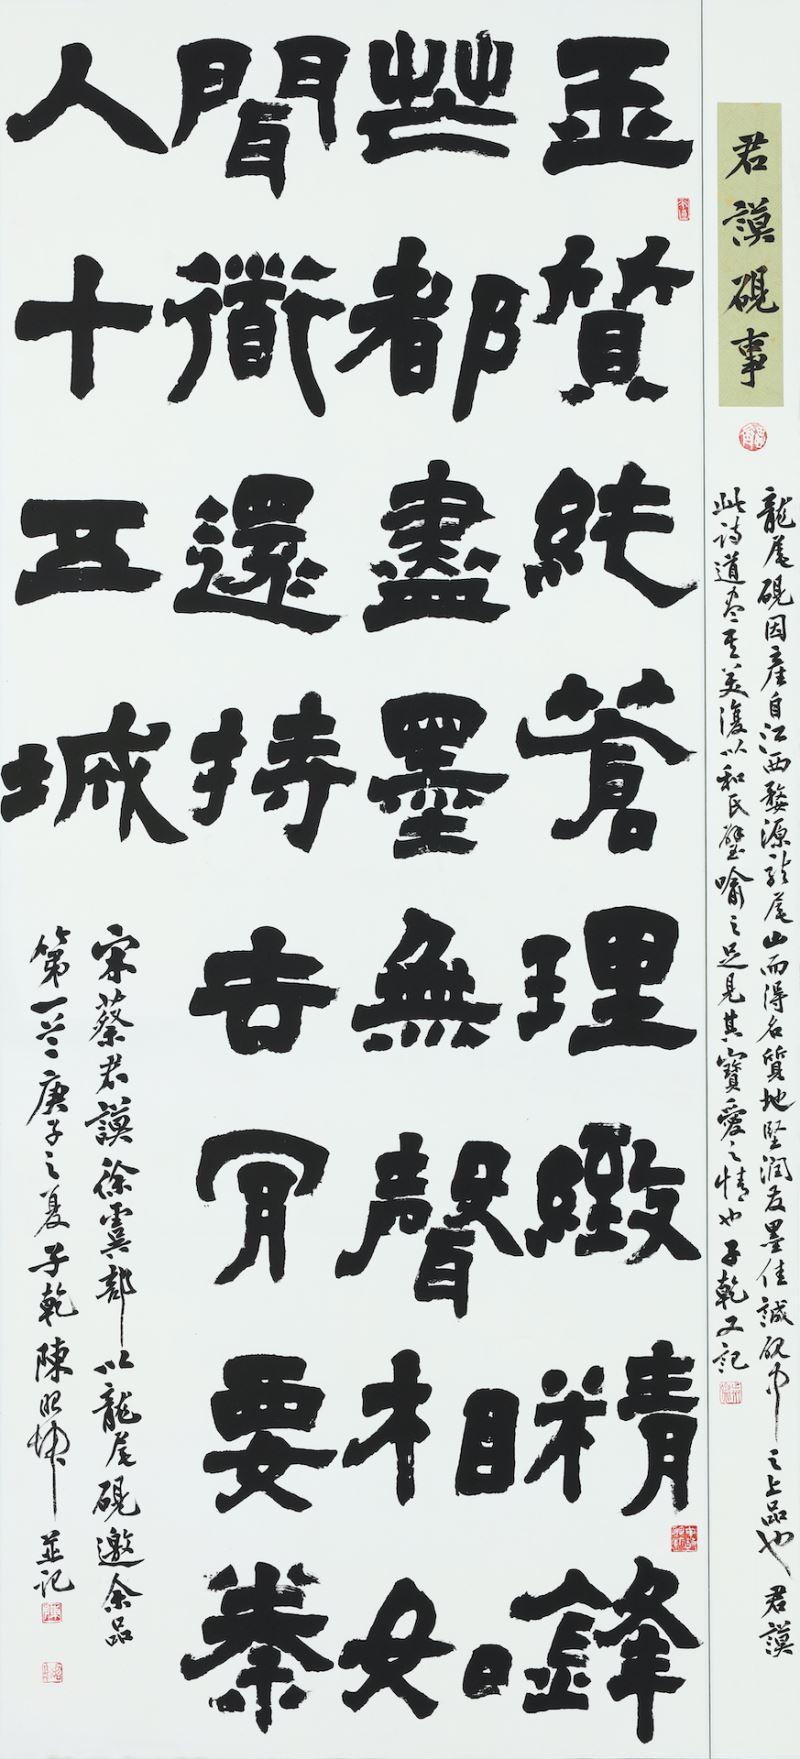 書法類中山獎-陳昭坤-〈君謨硯事〉183×82cm-2020